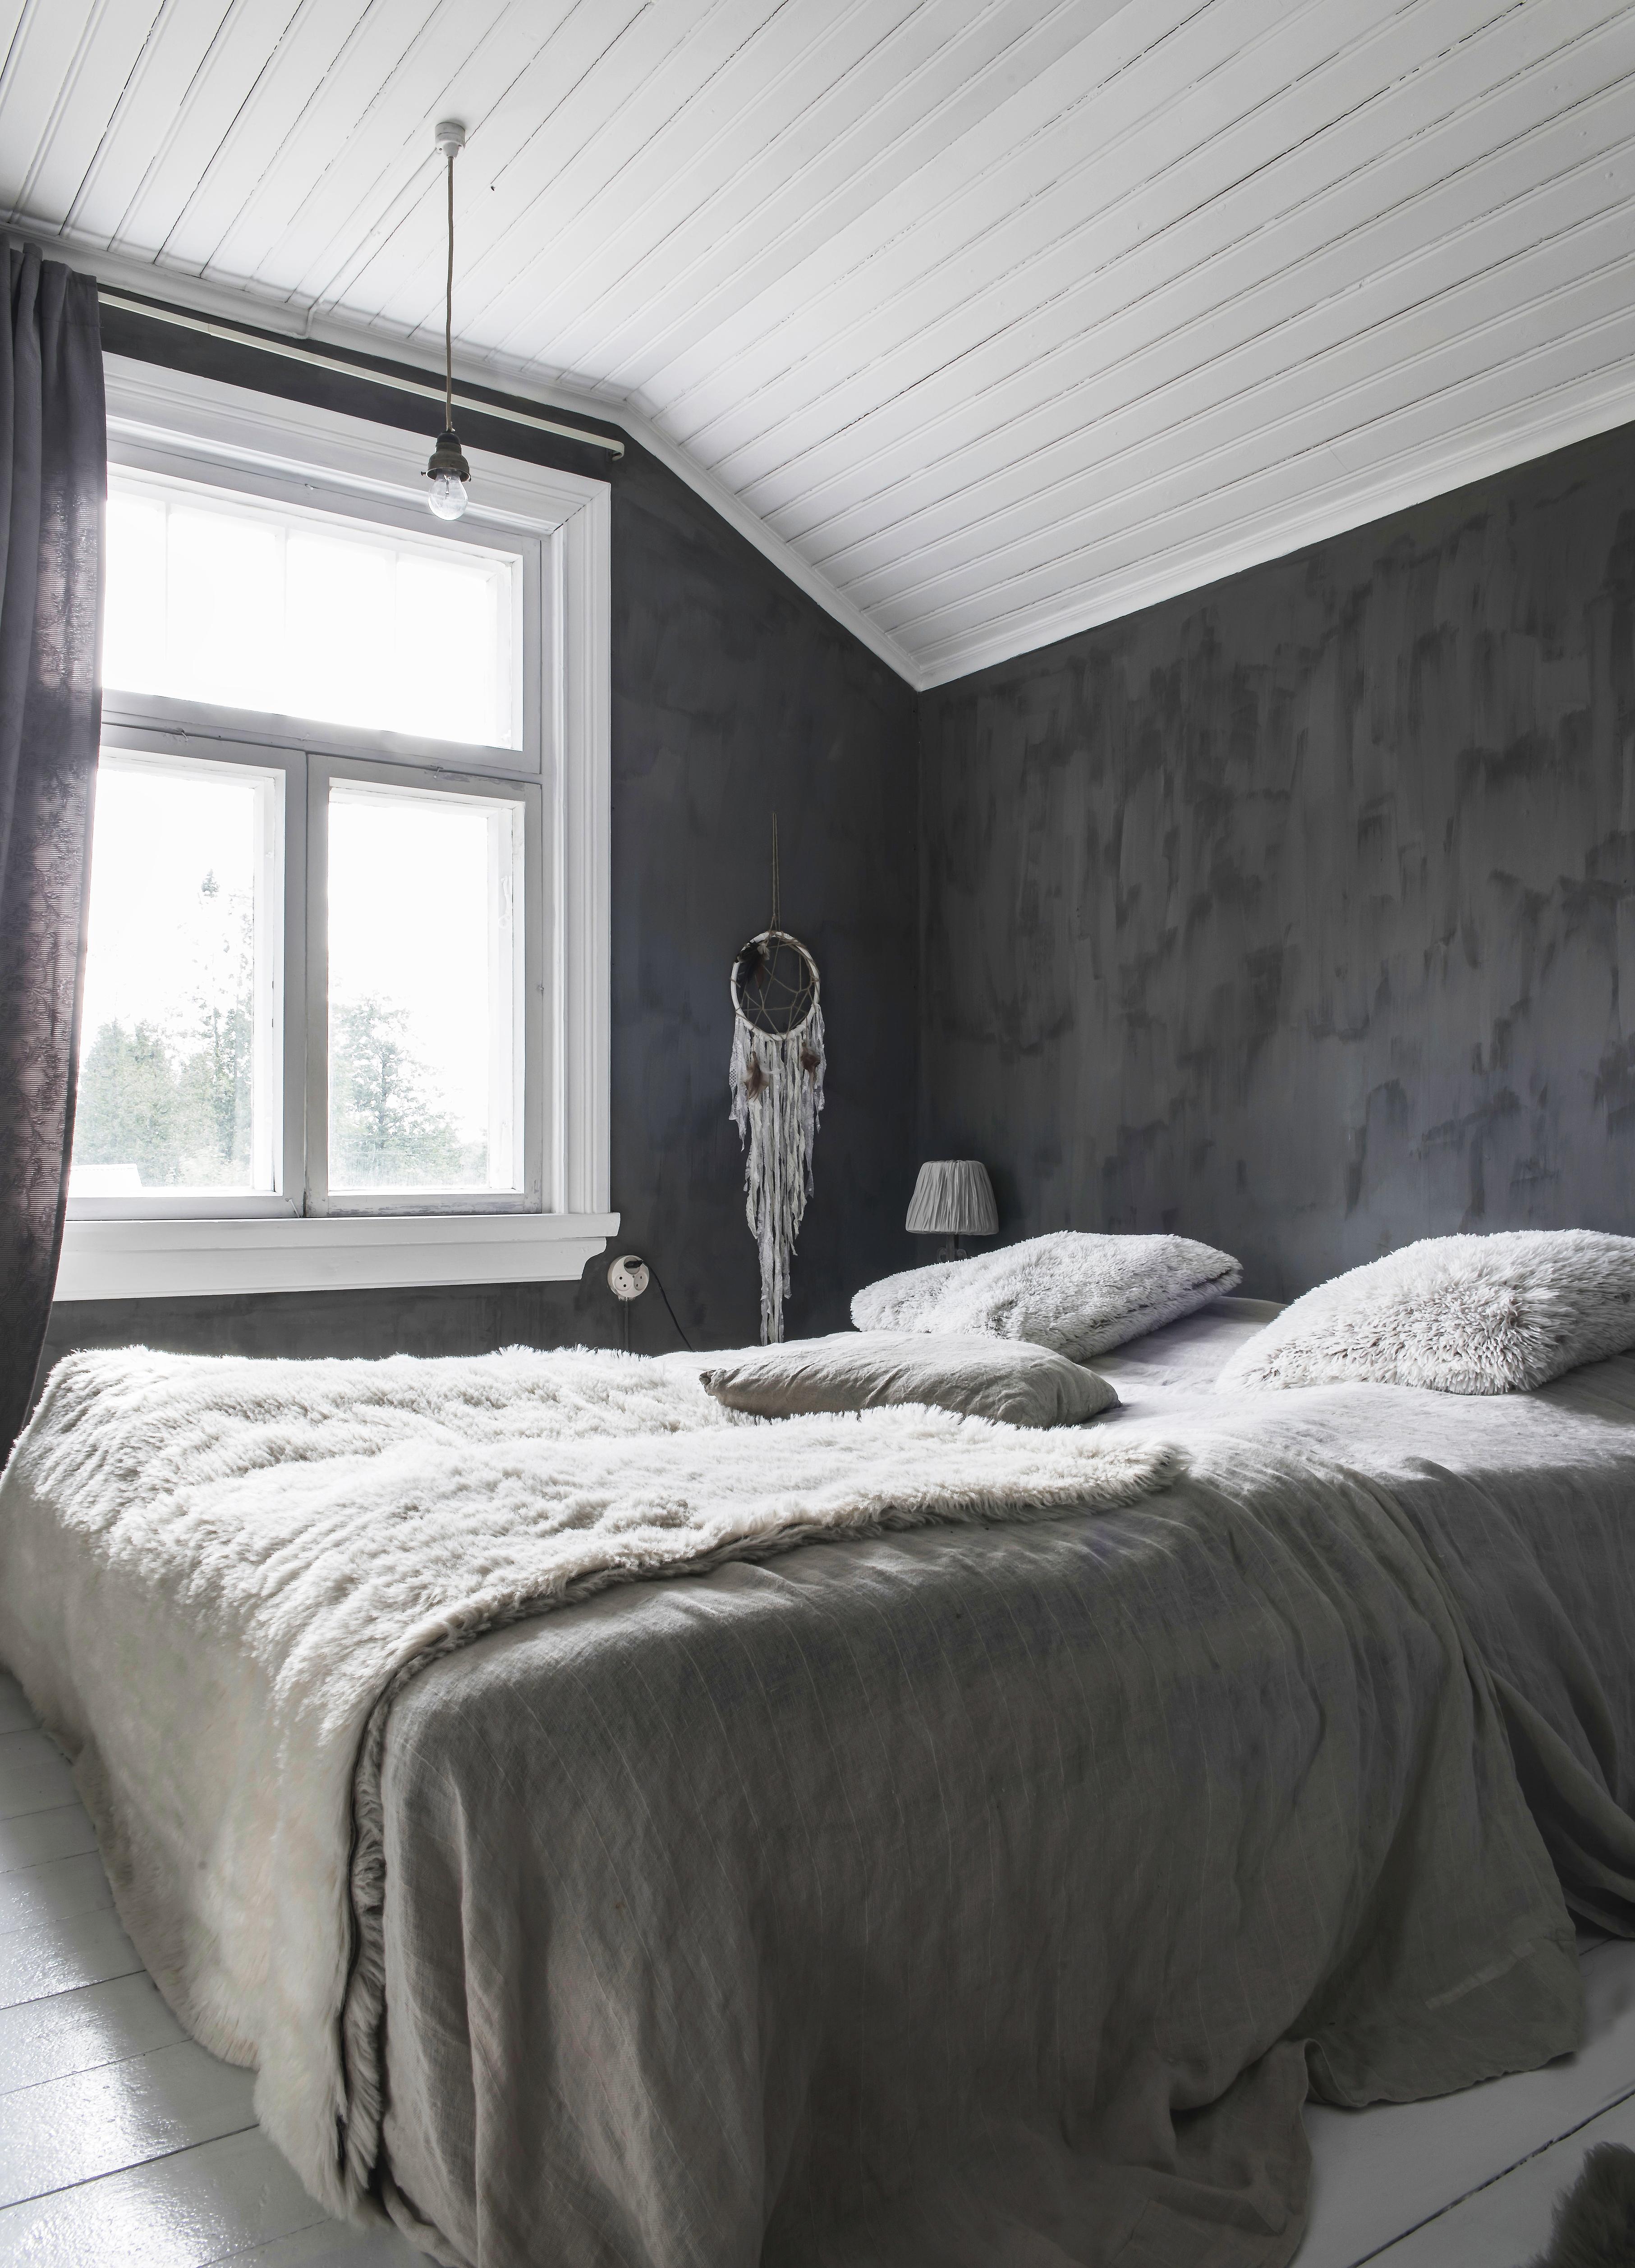 Makuuhuoneen sisustus uusiksi – vinkit kolmelle lompakolle